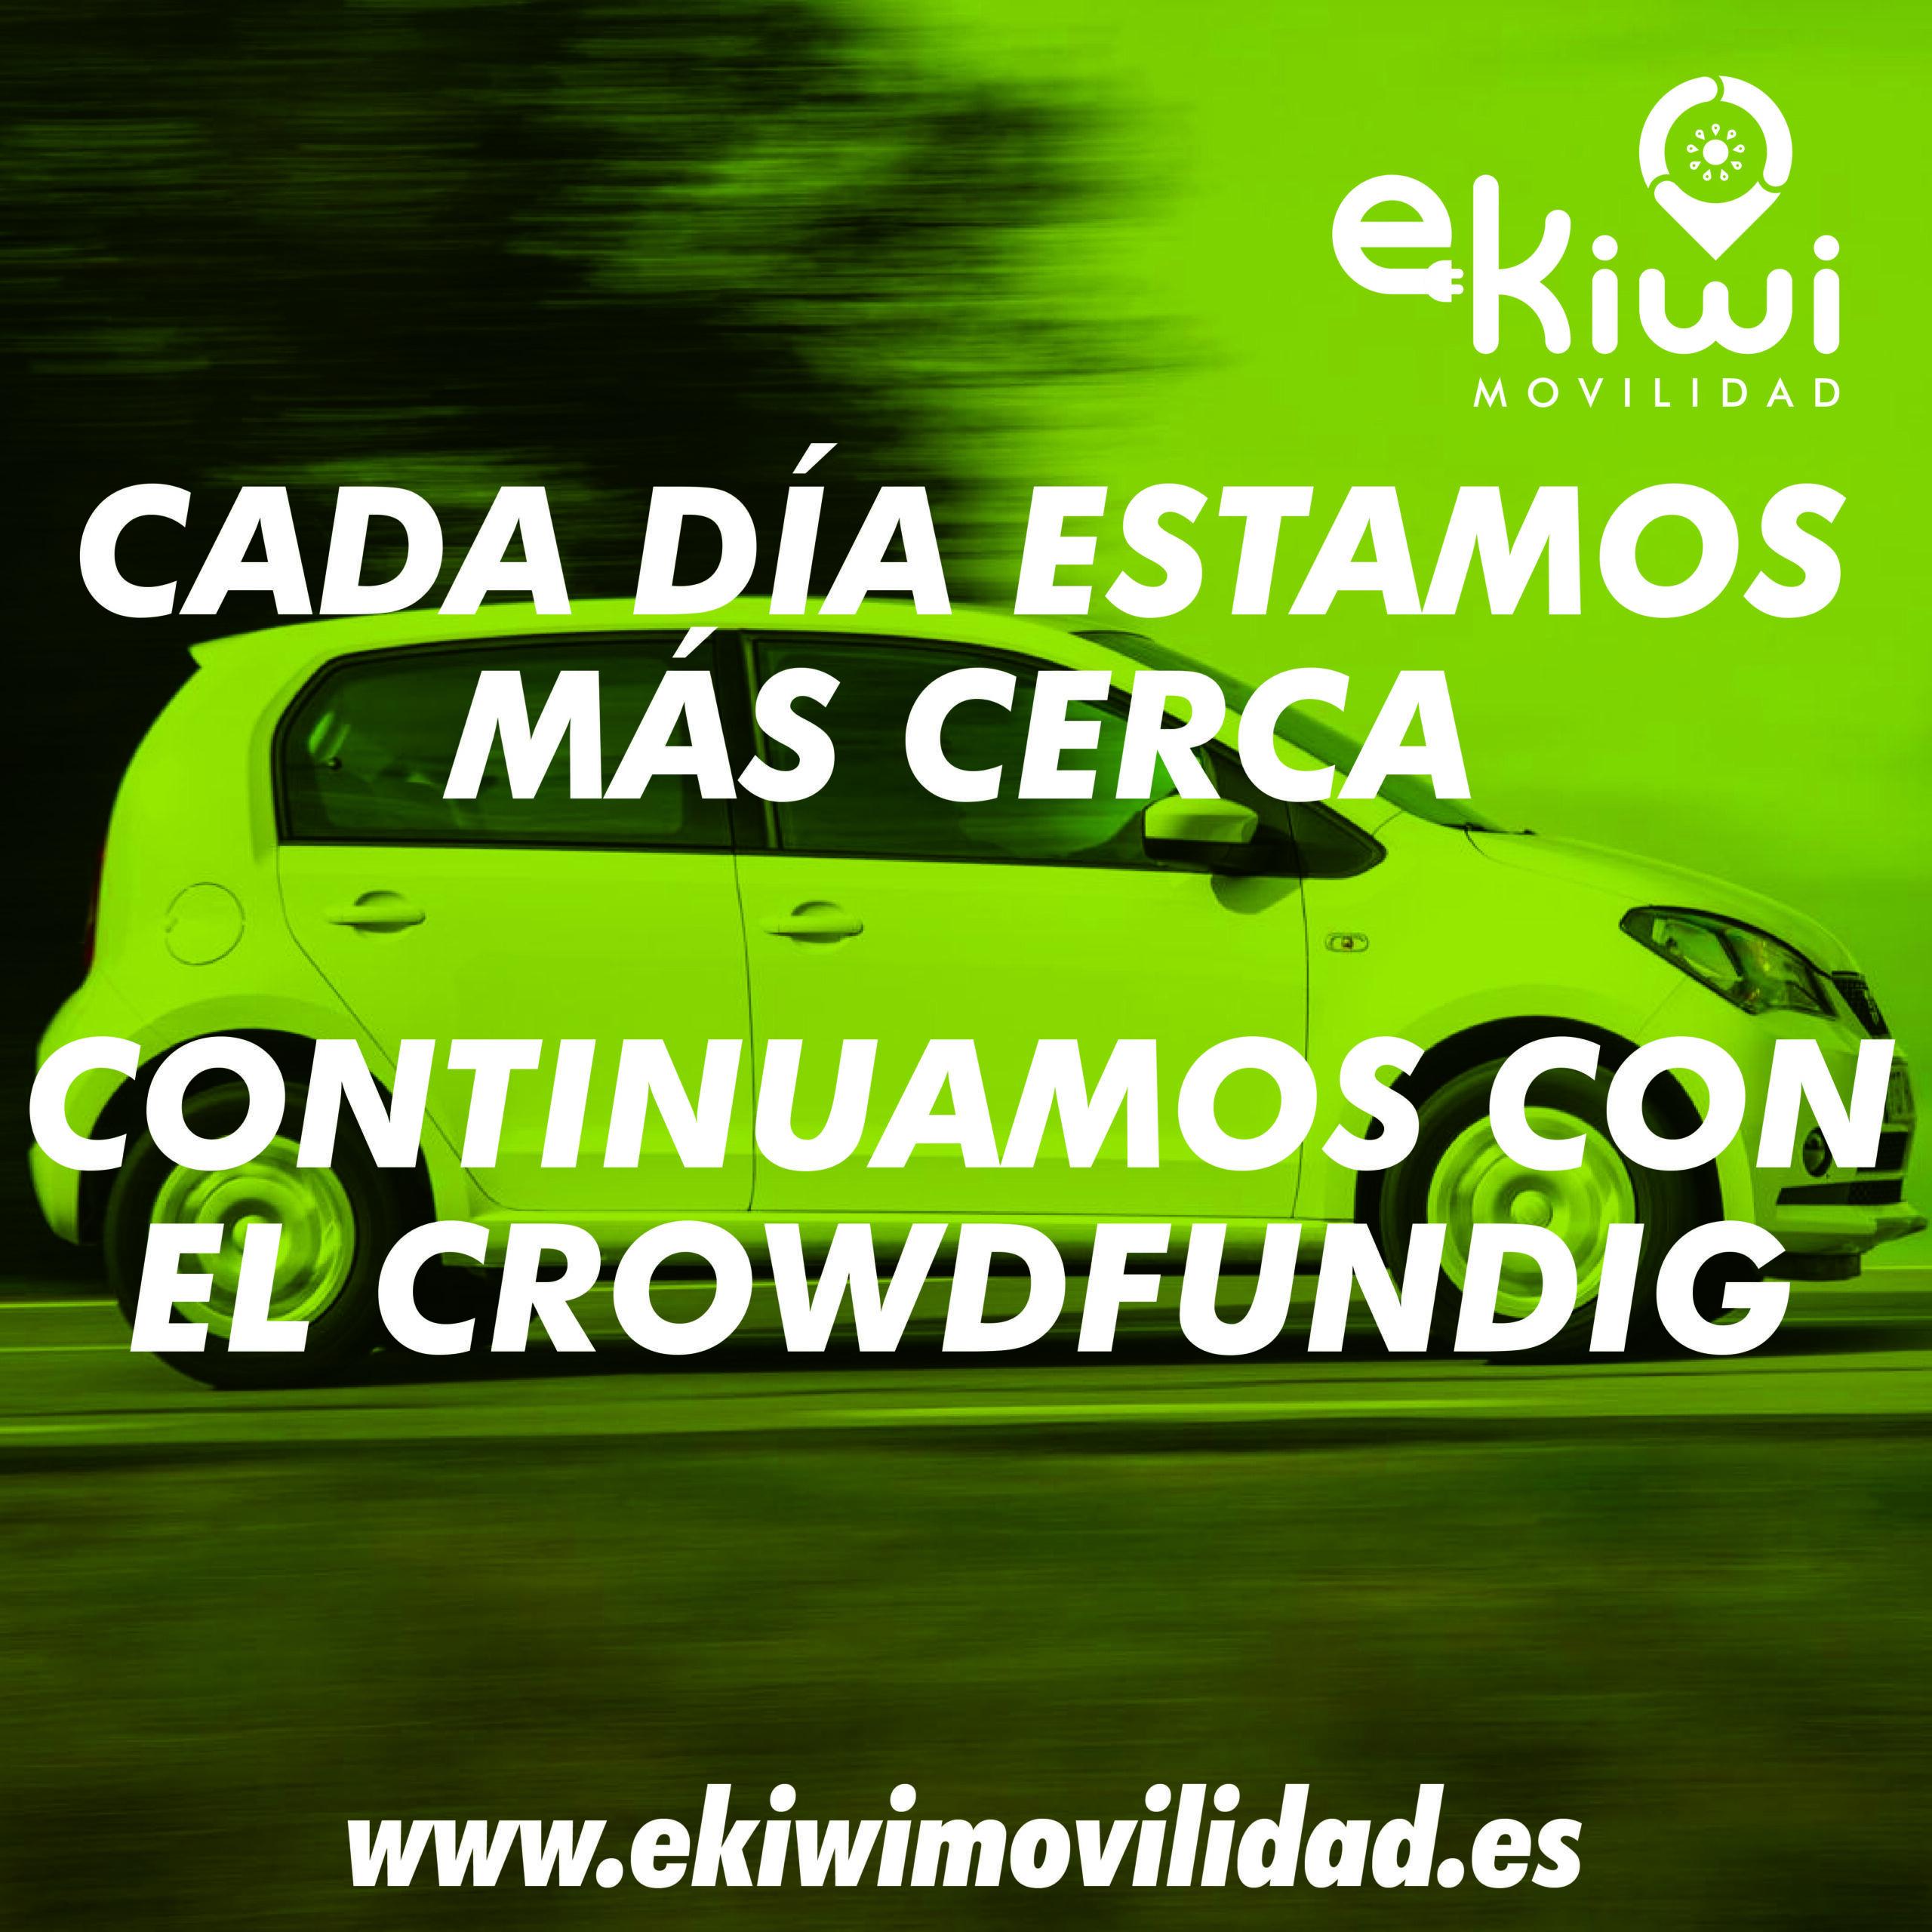 Gracías a tí estamos más cerca. Continuamos con el crowdfunding.